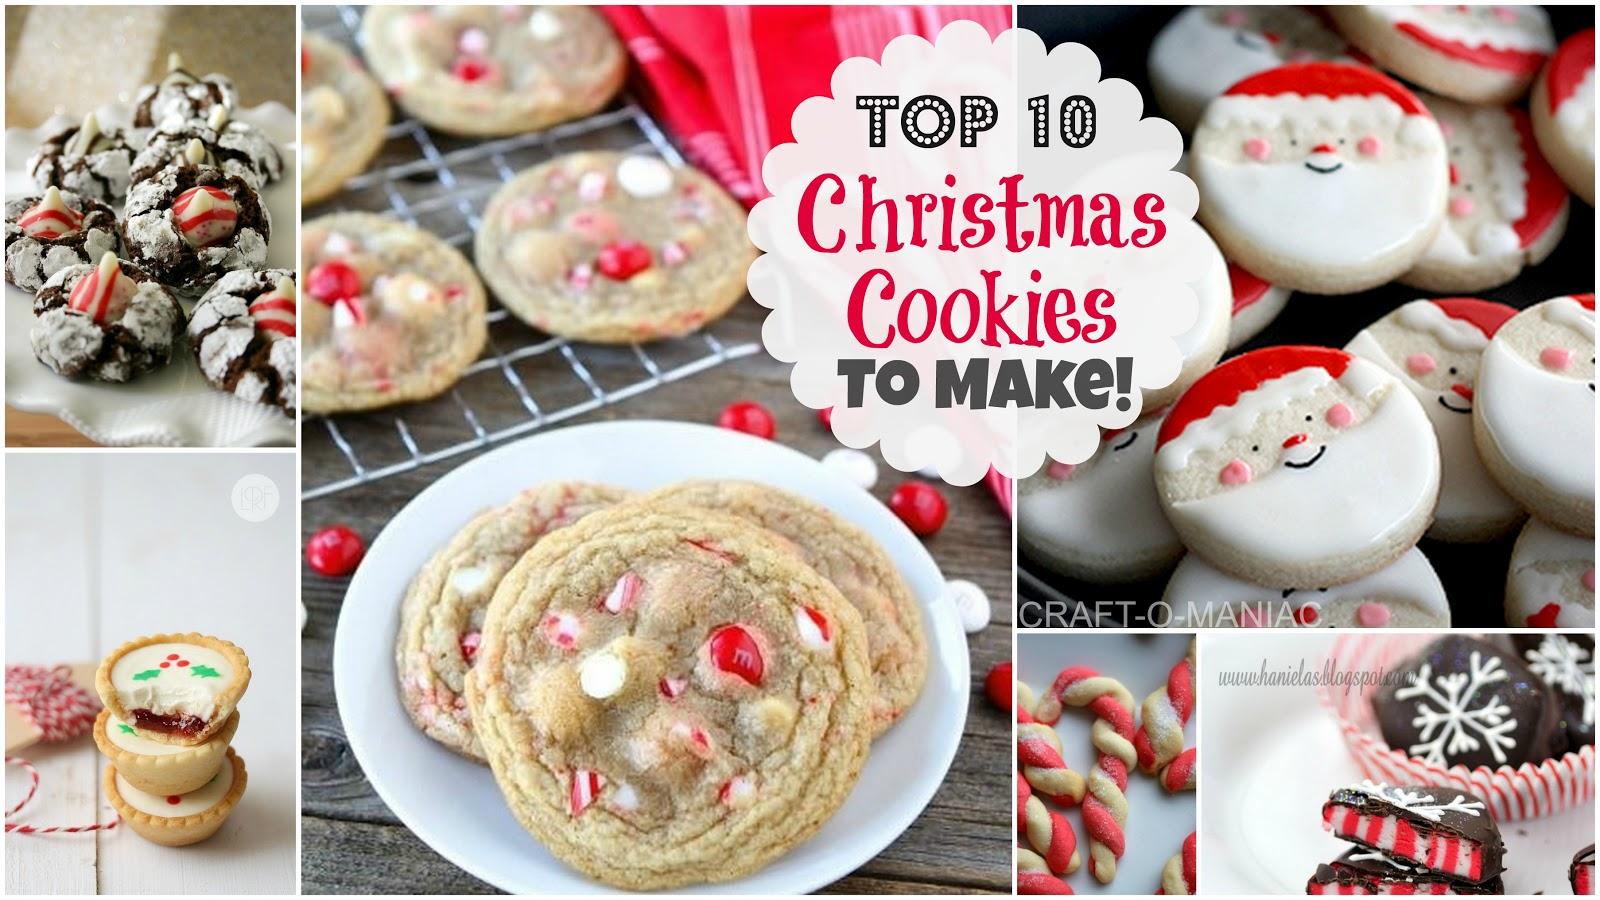 Top 10 Christmas Cookies to Make! - Craft-O-Maniac